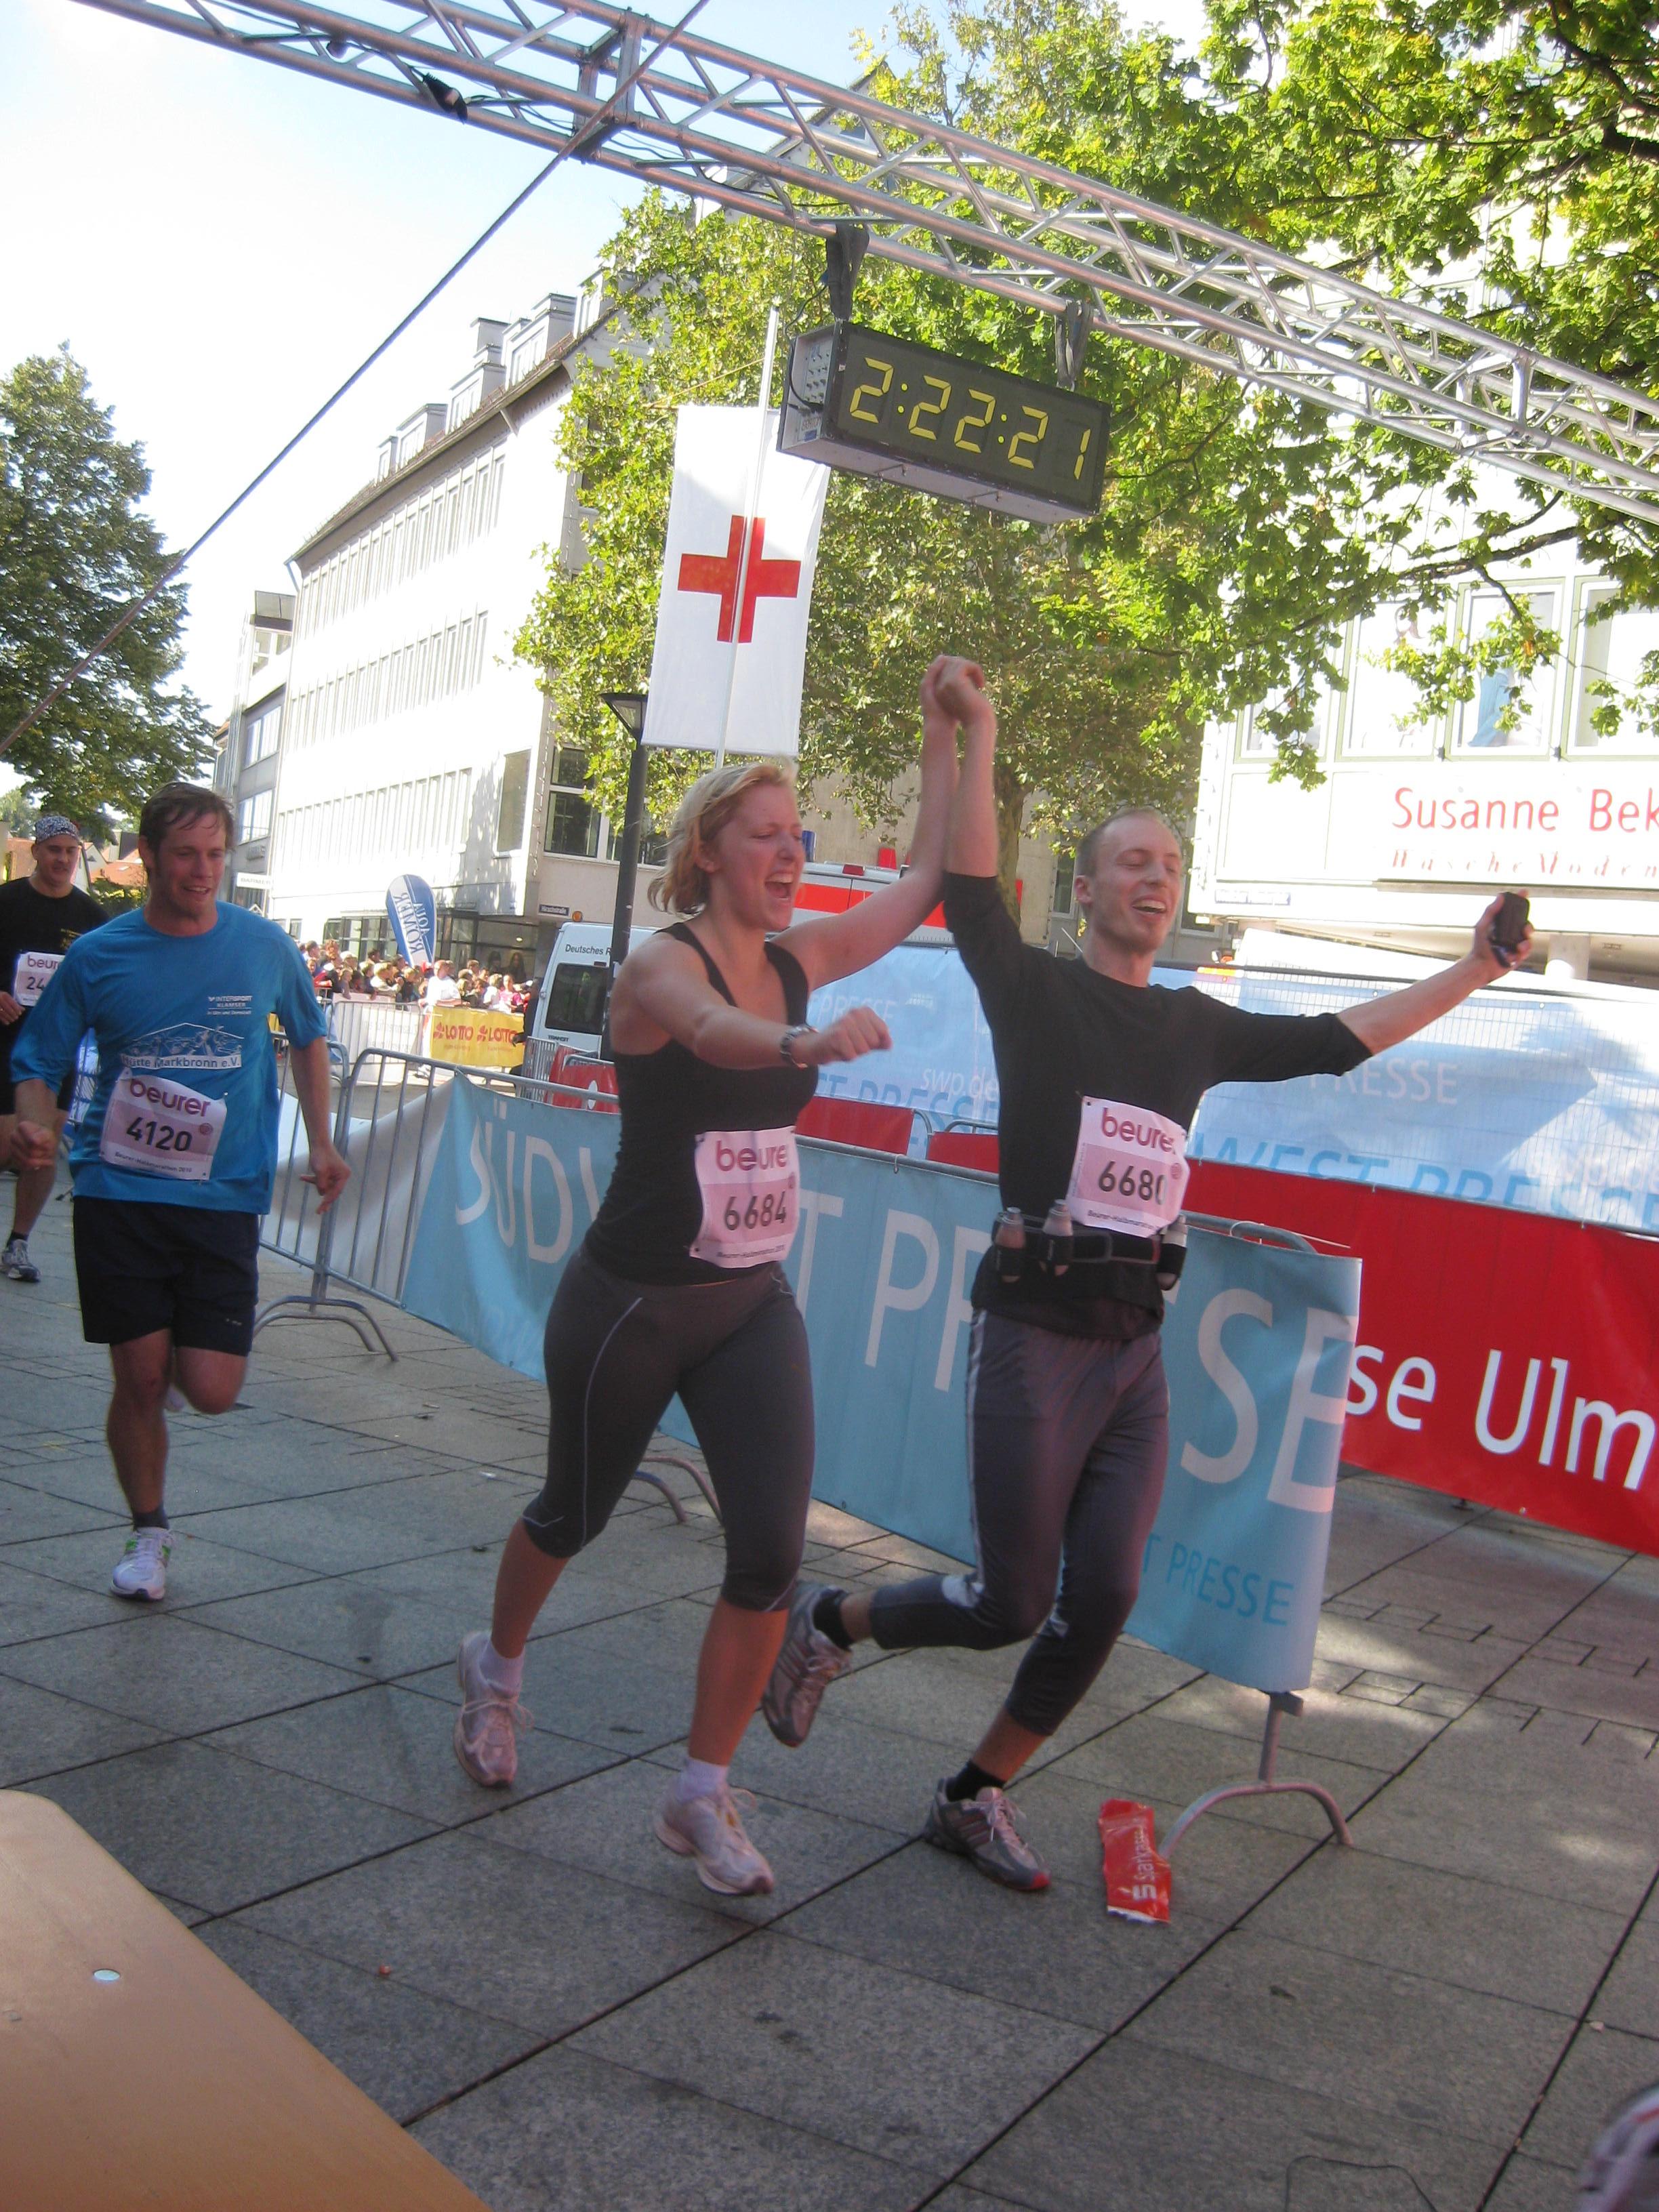 Zieleinlauf Ulm Halbmarathon